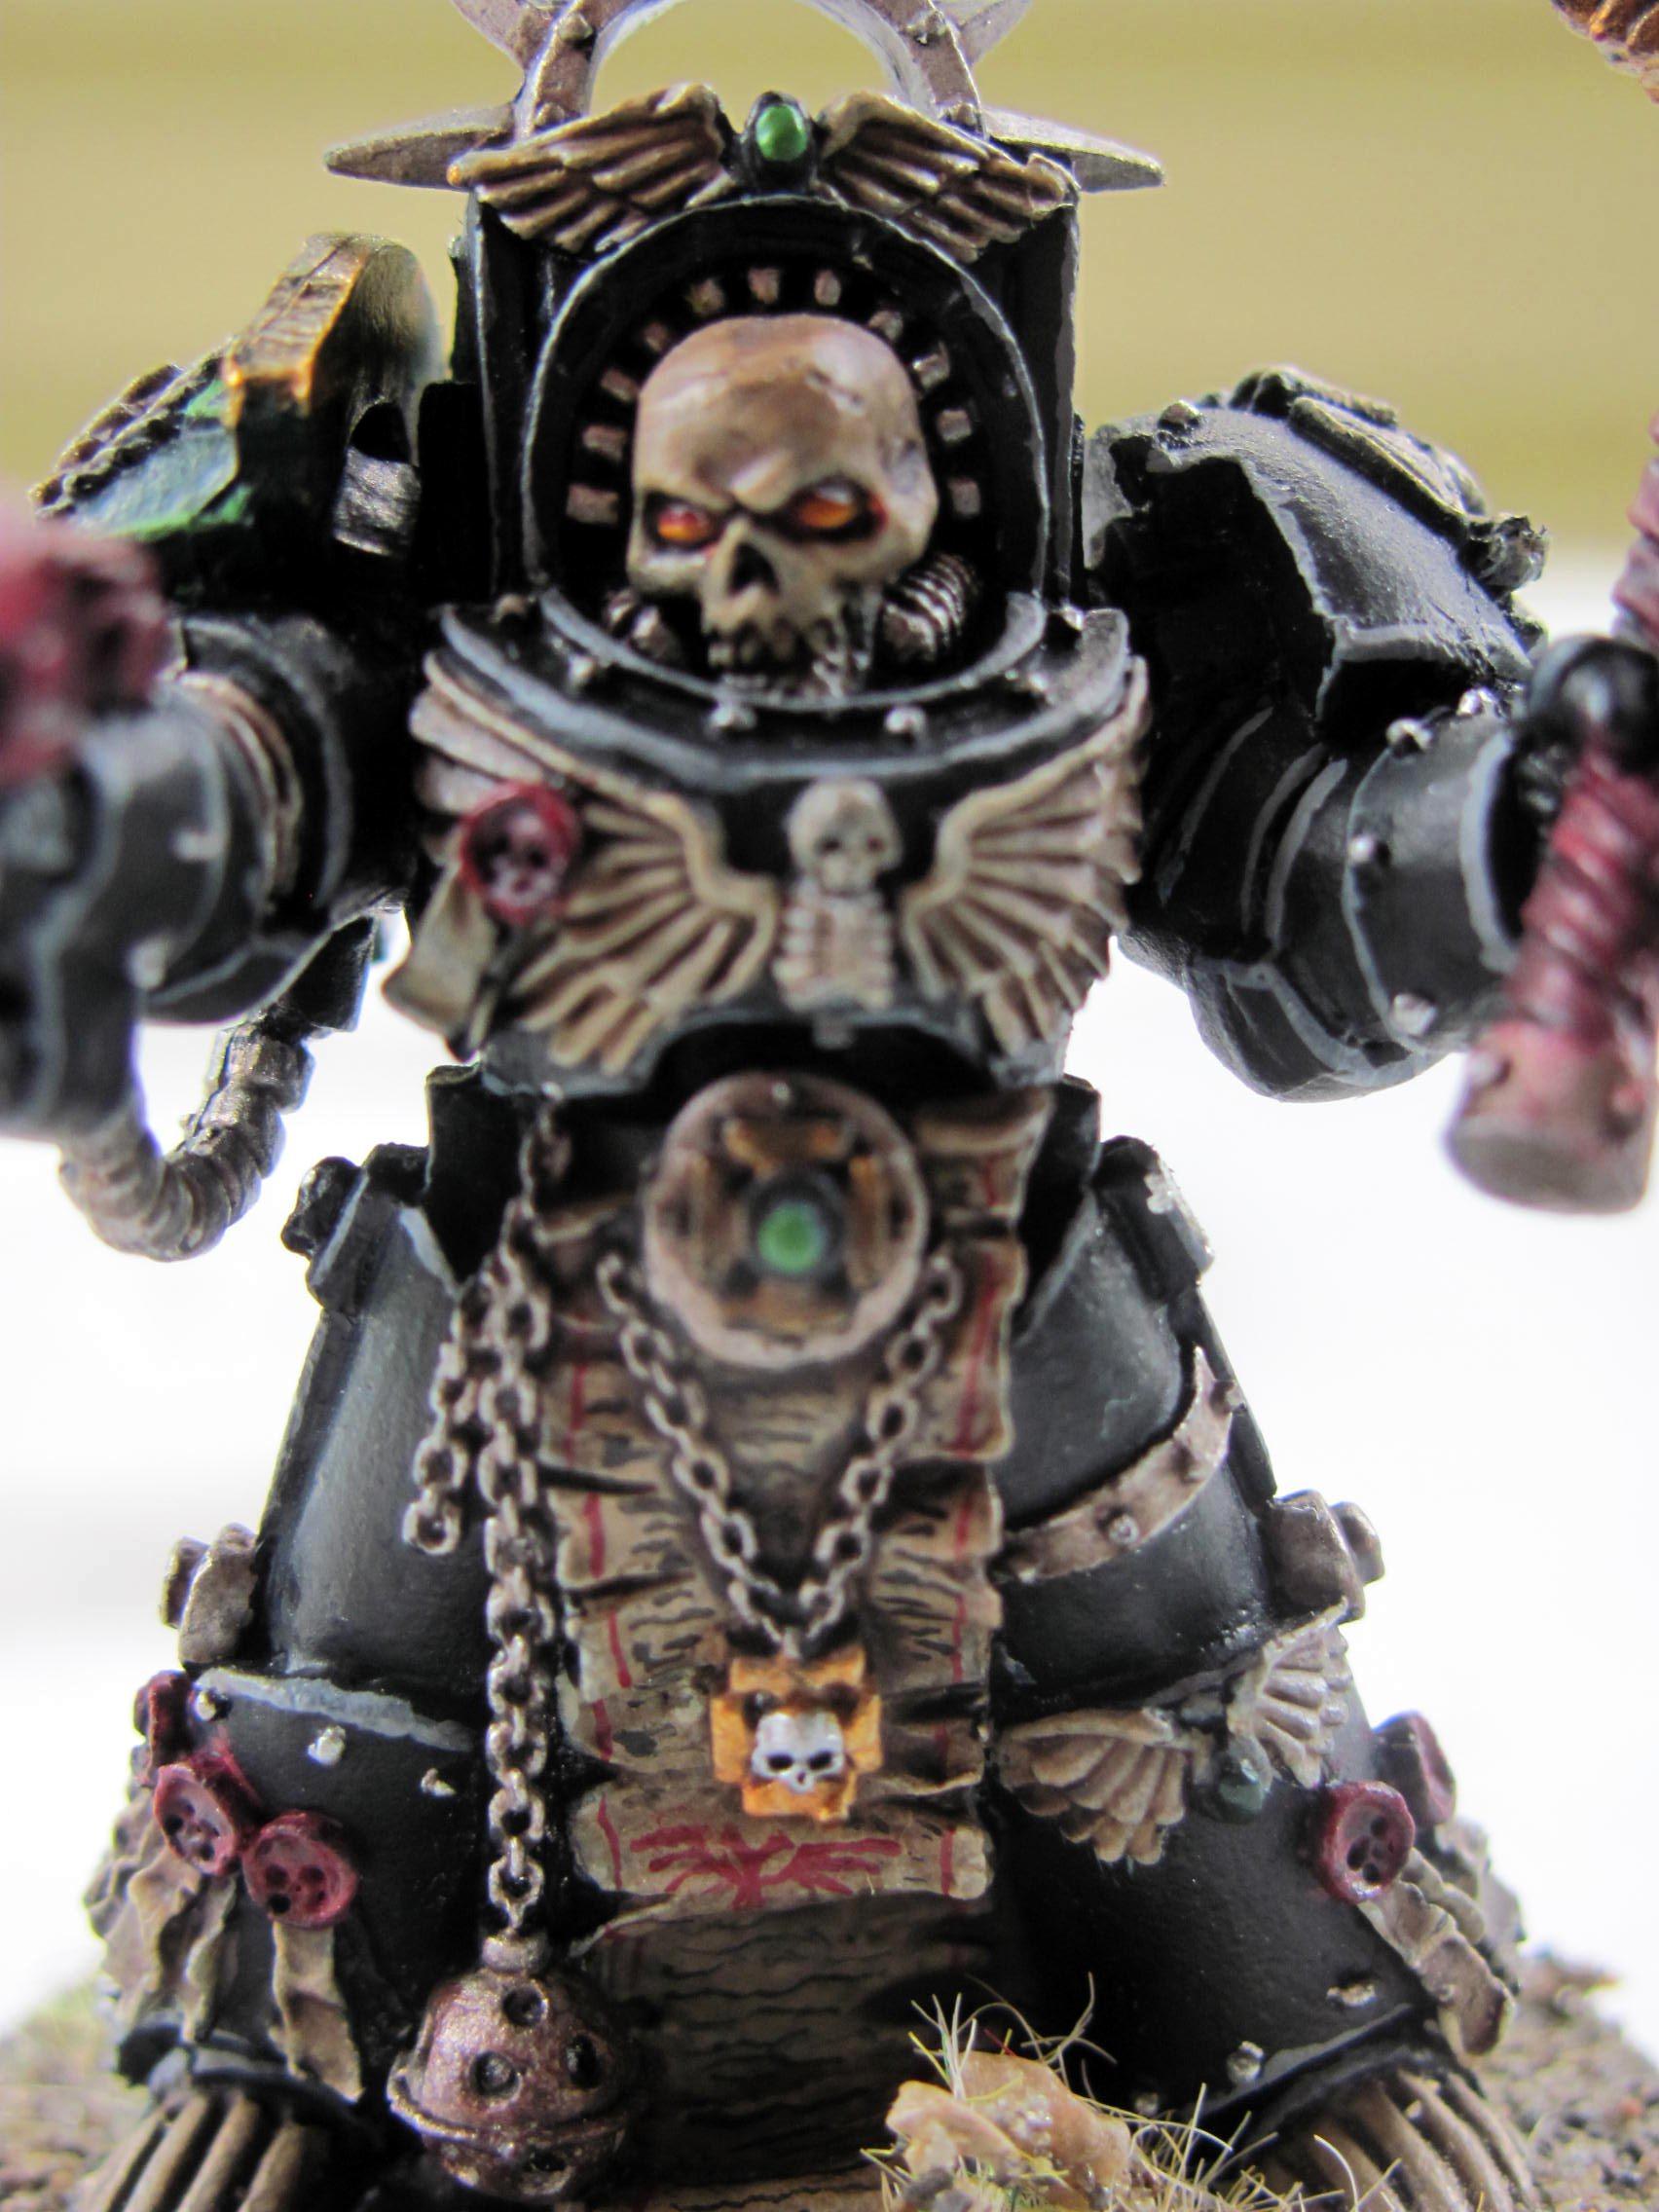 Chaplain, Dark Angels, Eye Lens, Skeletons, Terminator Armor